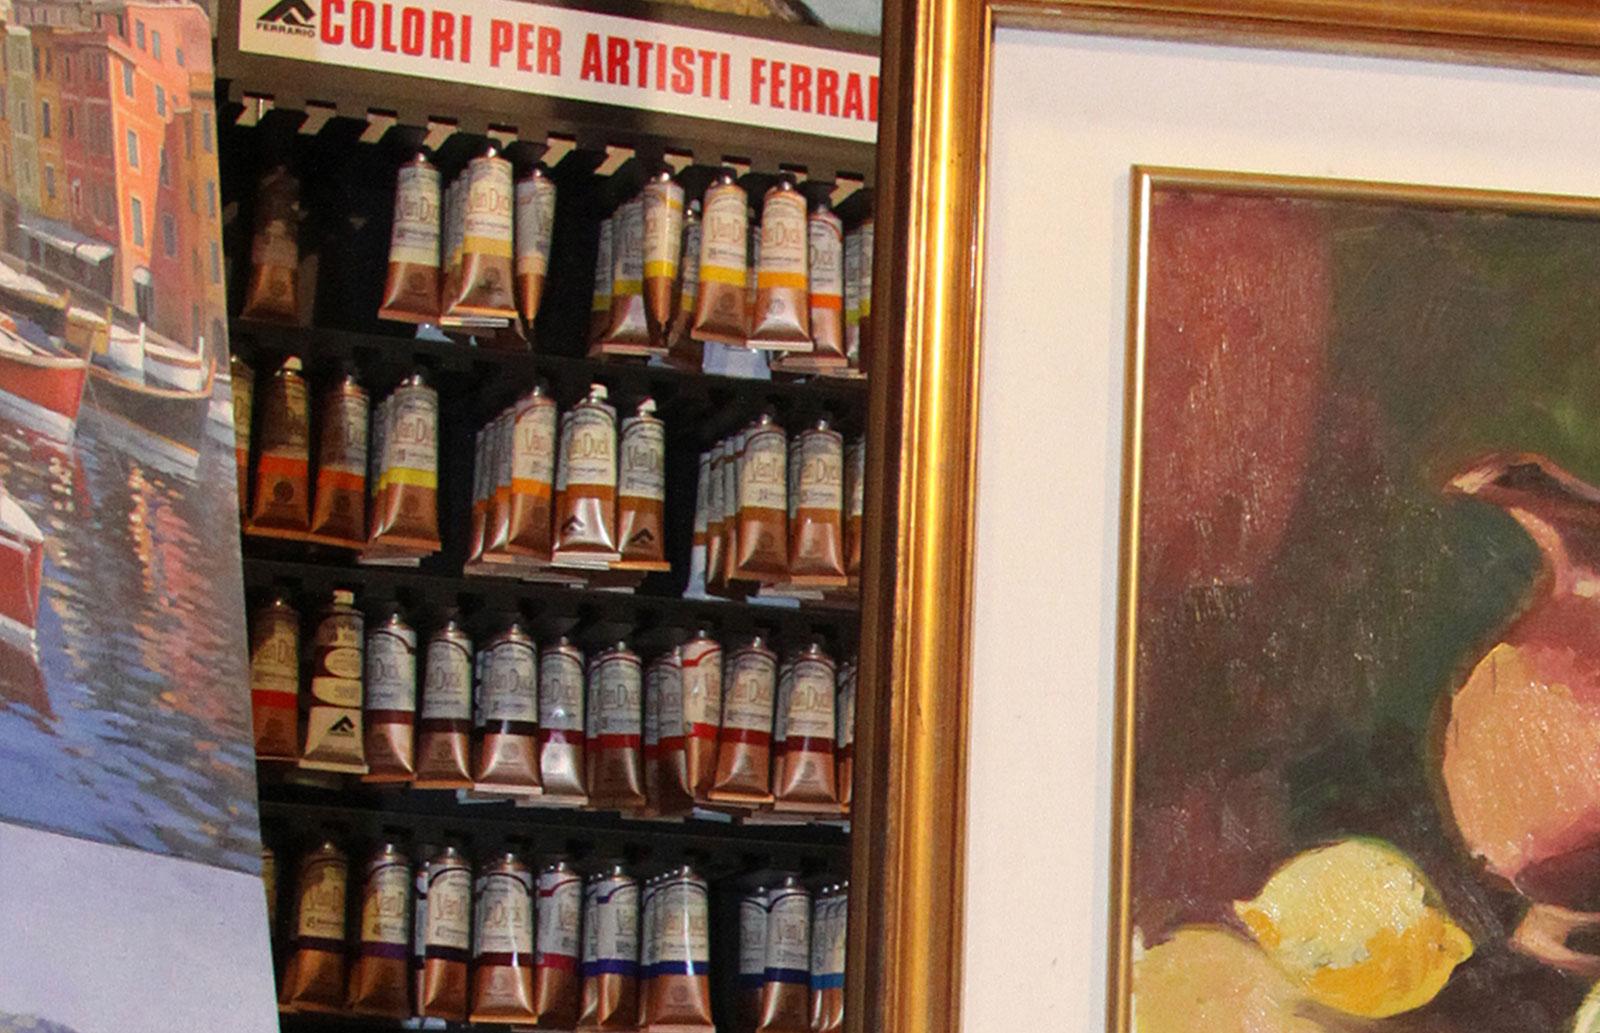 Articoli Belle Arti Verona